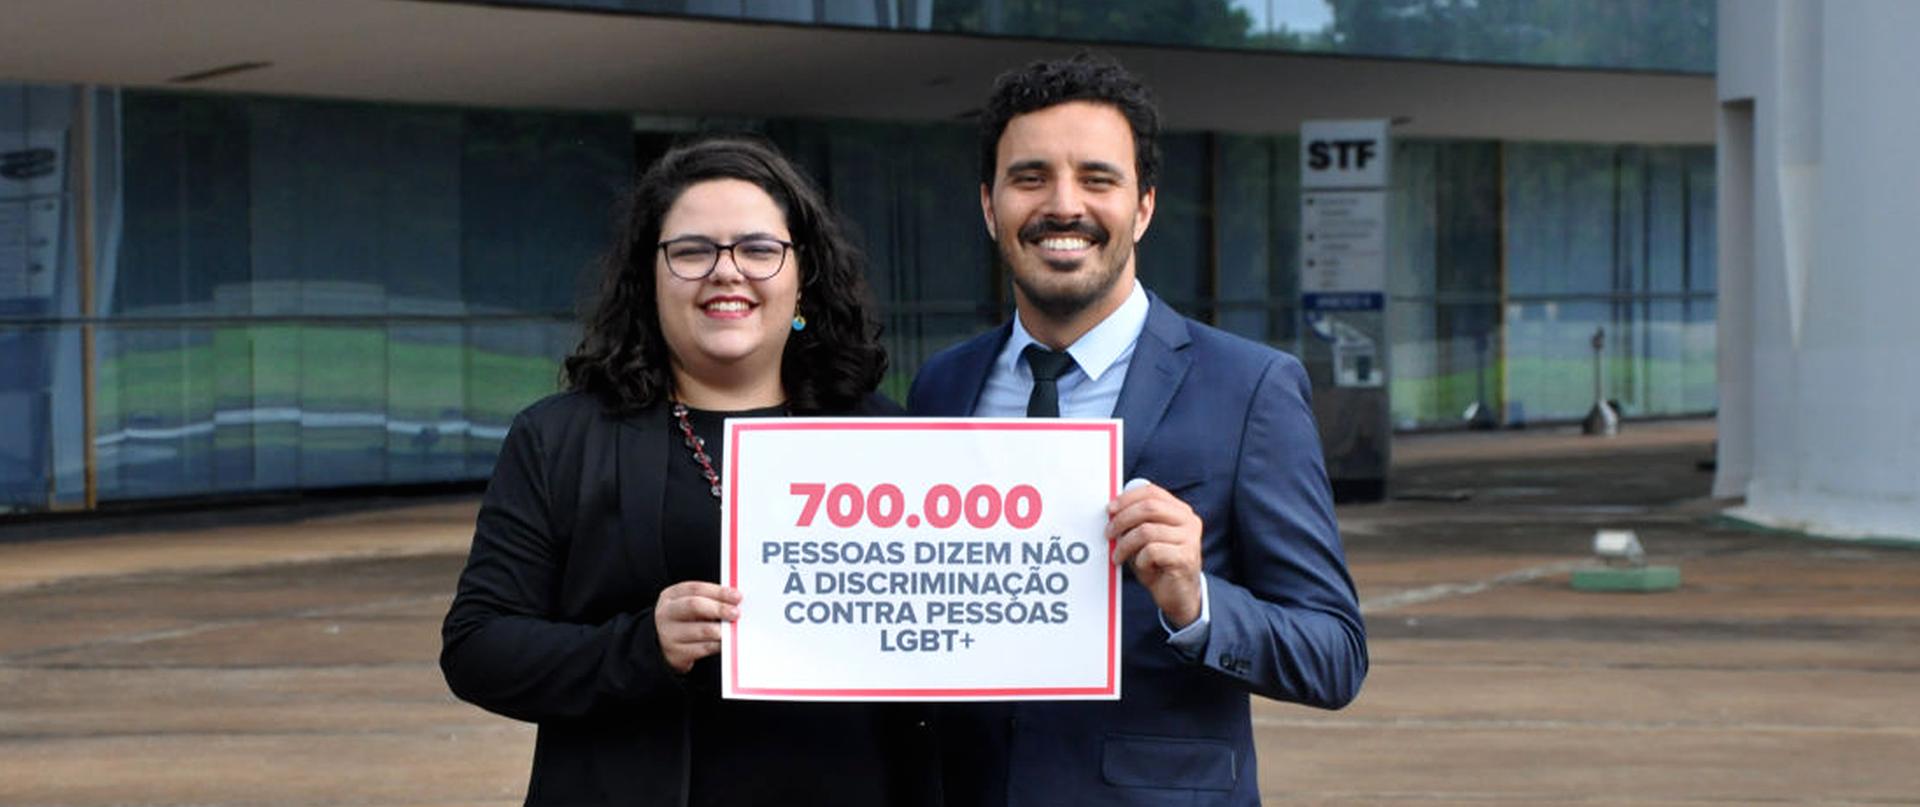 Duas pessoas seguram um cartaz dizendo 700 mil pessoas dizem não à discriminação contra pessoas LGBT+